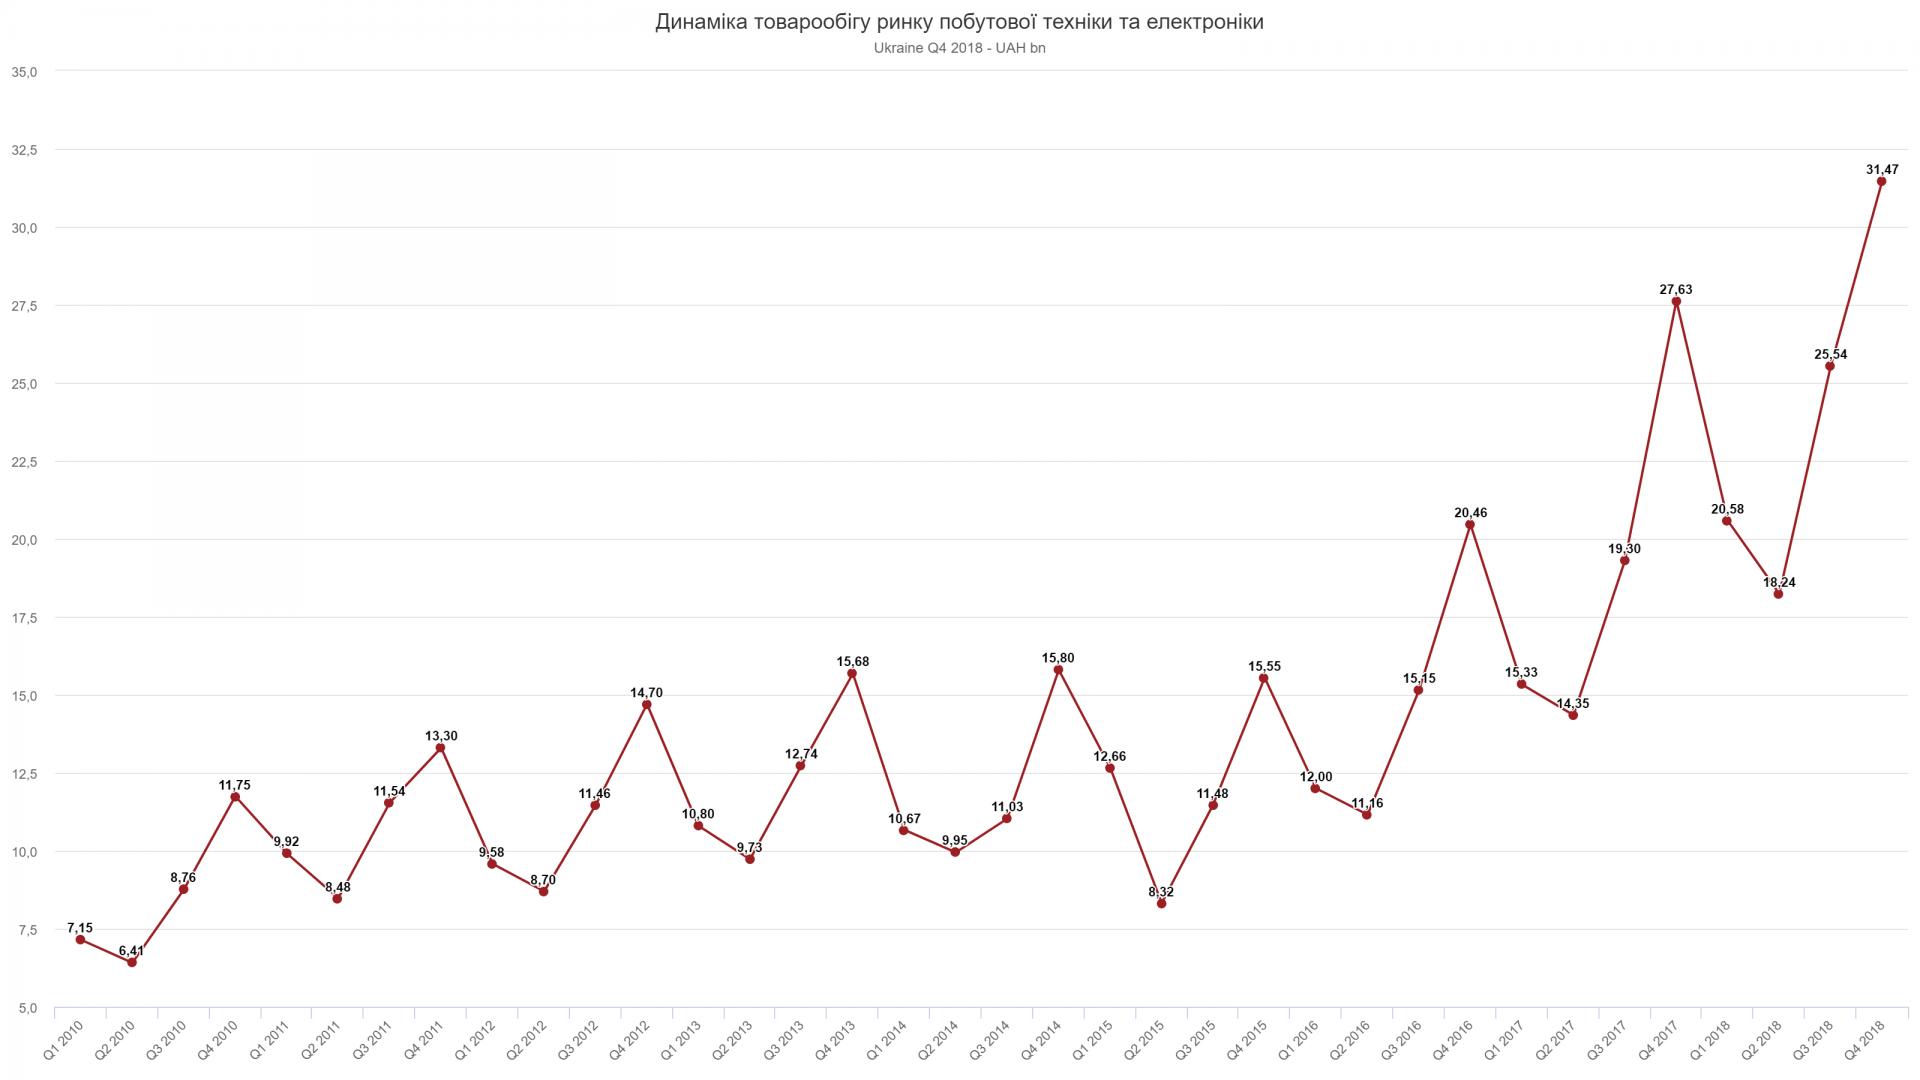 Продажі побутової техніки та електроніки в Україні в 2018-му зросли ... a6a85d8c9d428